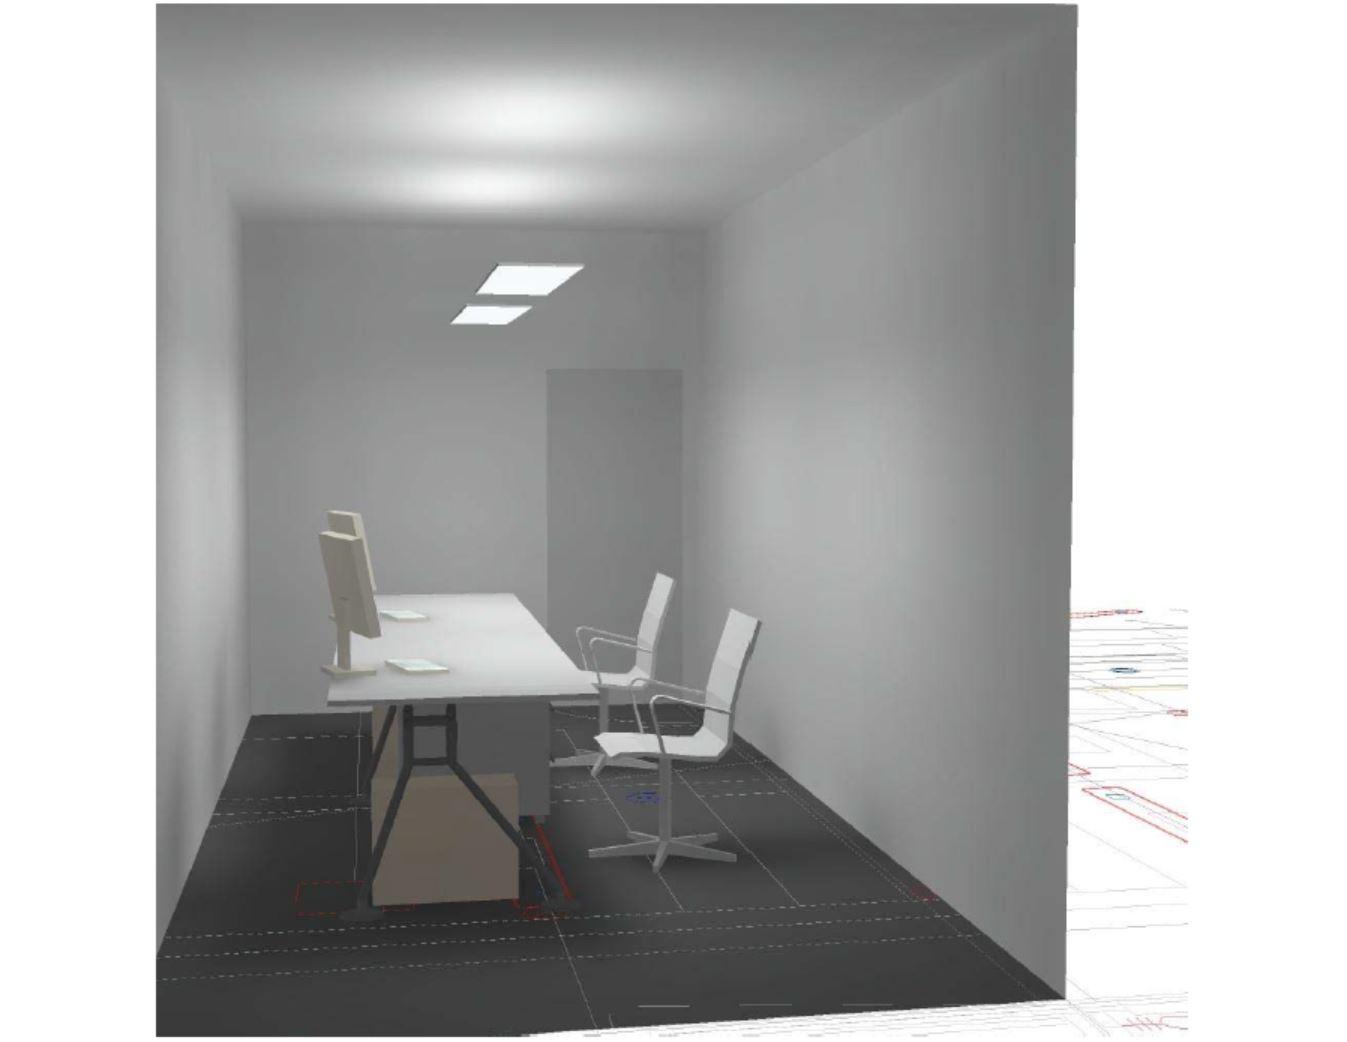 Musteranlage LED Beleuchtung 2-Achsen Büro mit LED Pendelleuchte direkt-indirekt